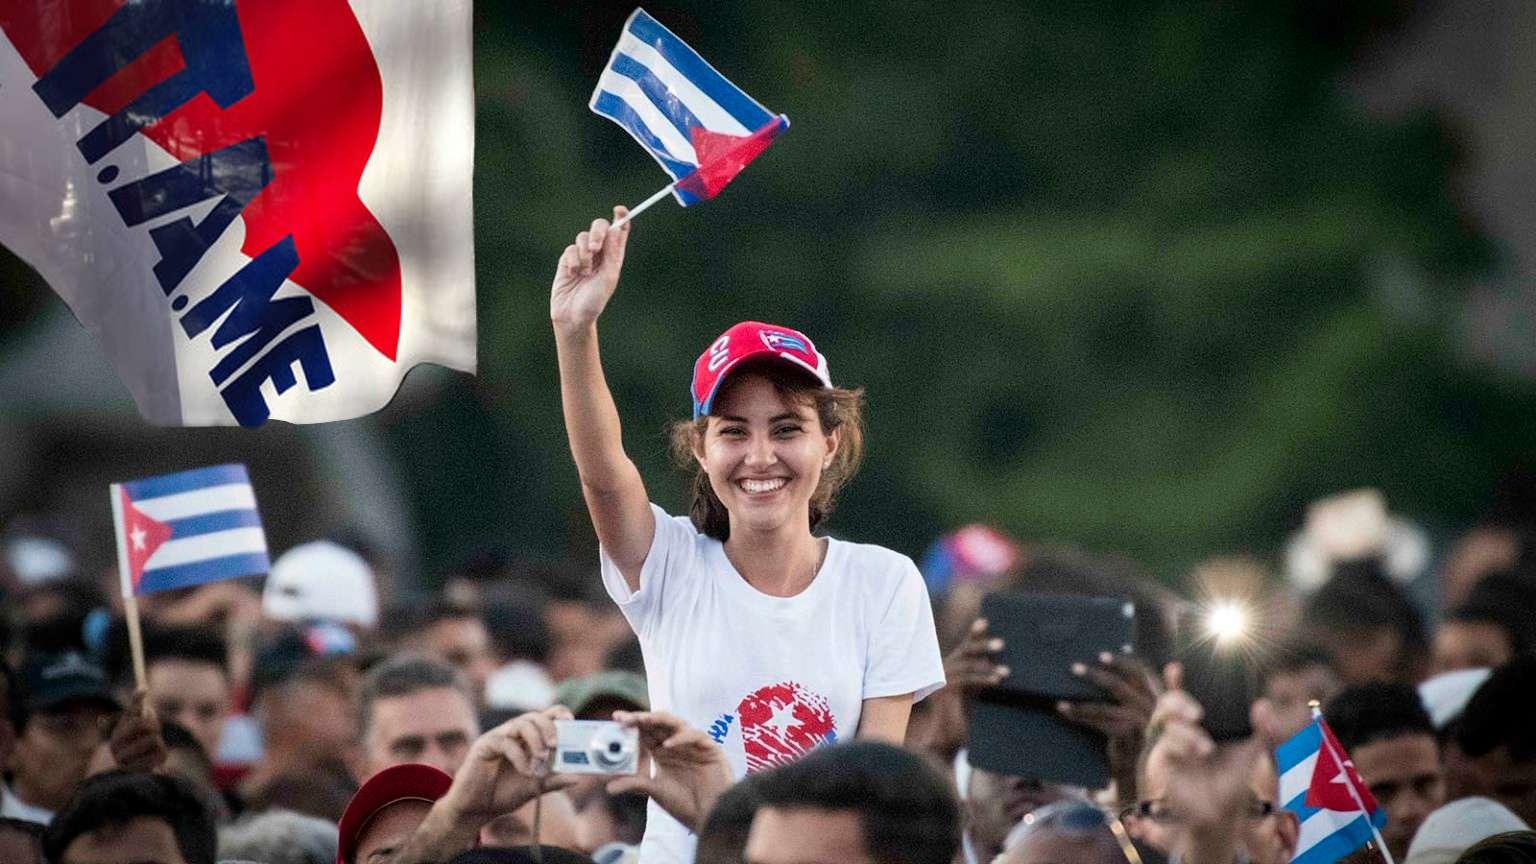 ΠΑΜΕ Κούβα Cuba